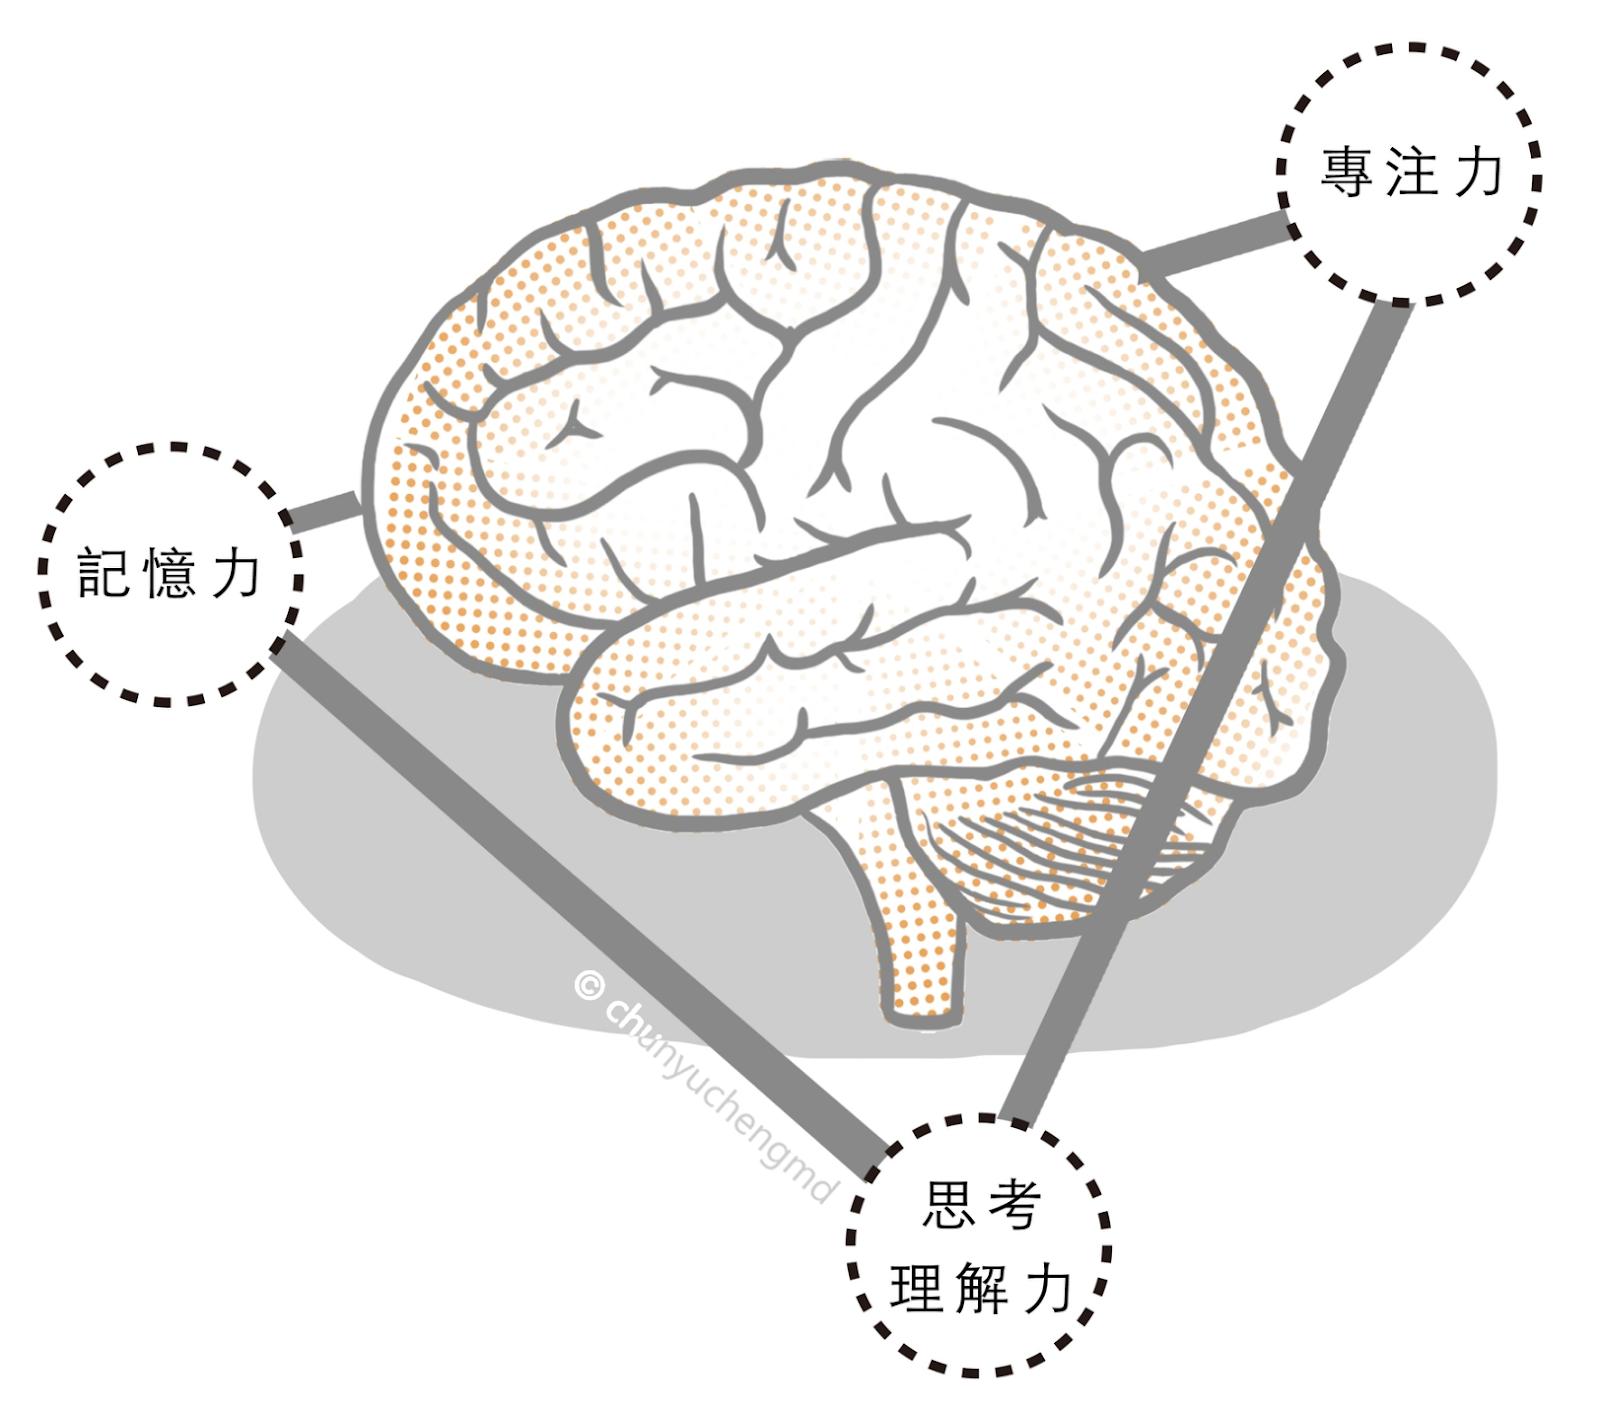 腦霧是大腦三原力的失調現象